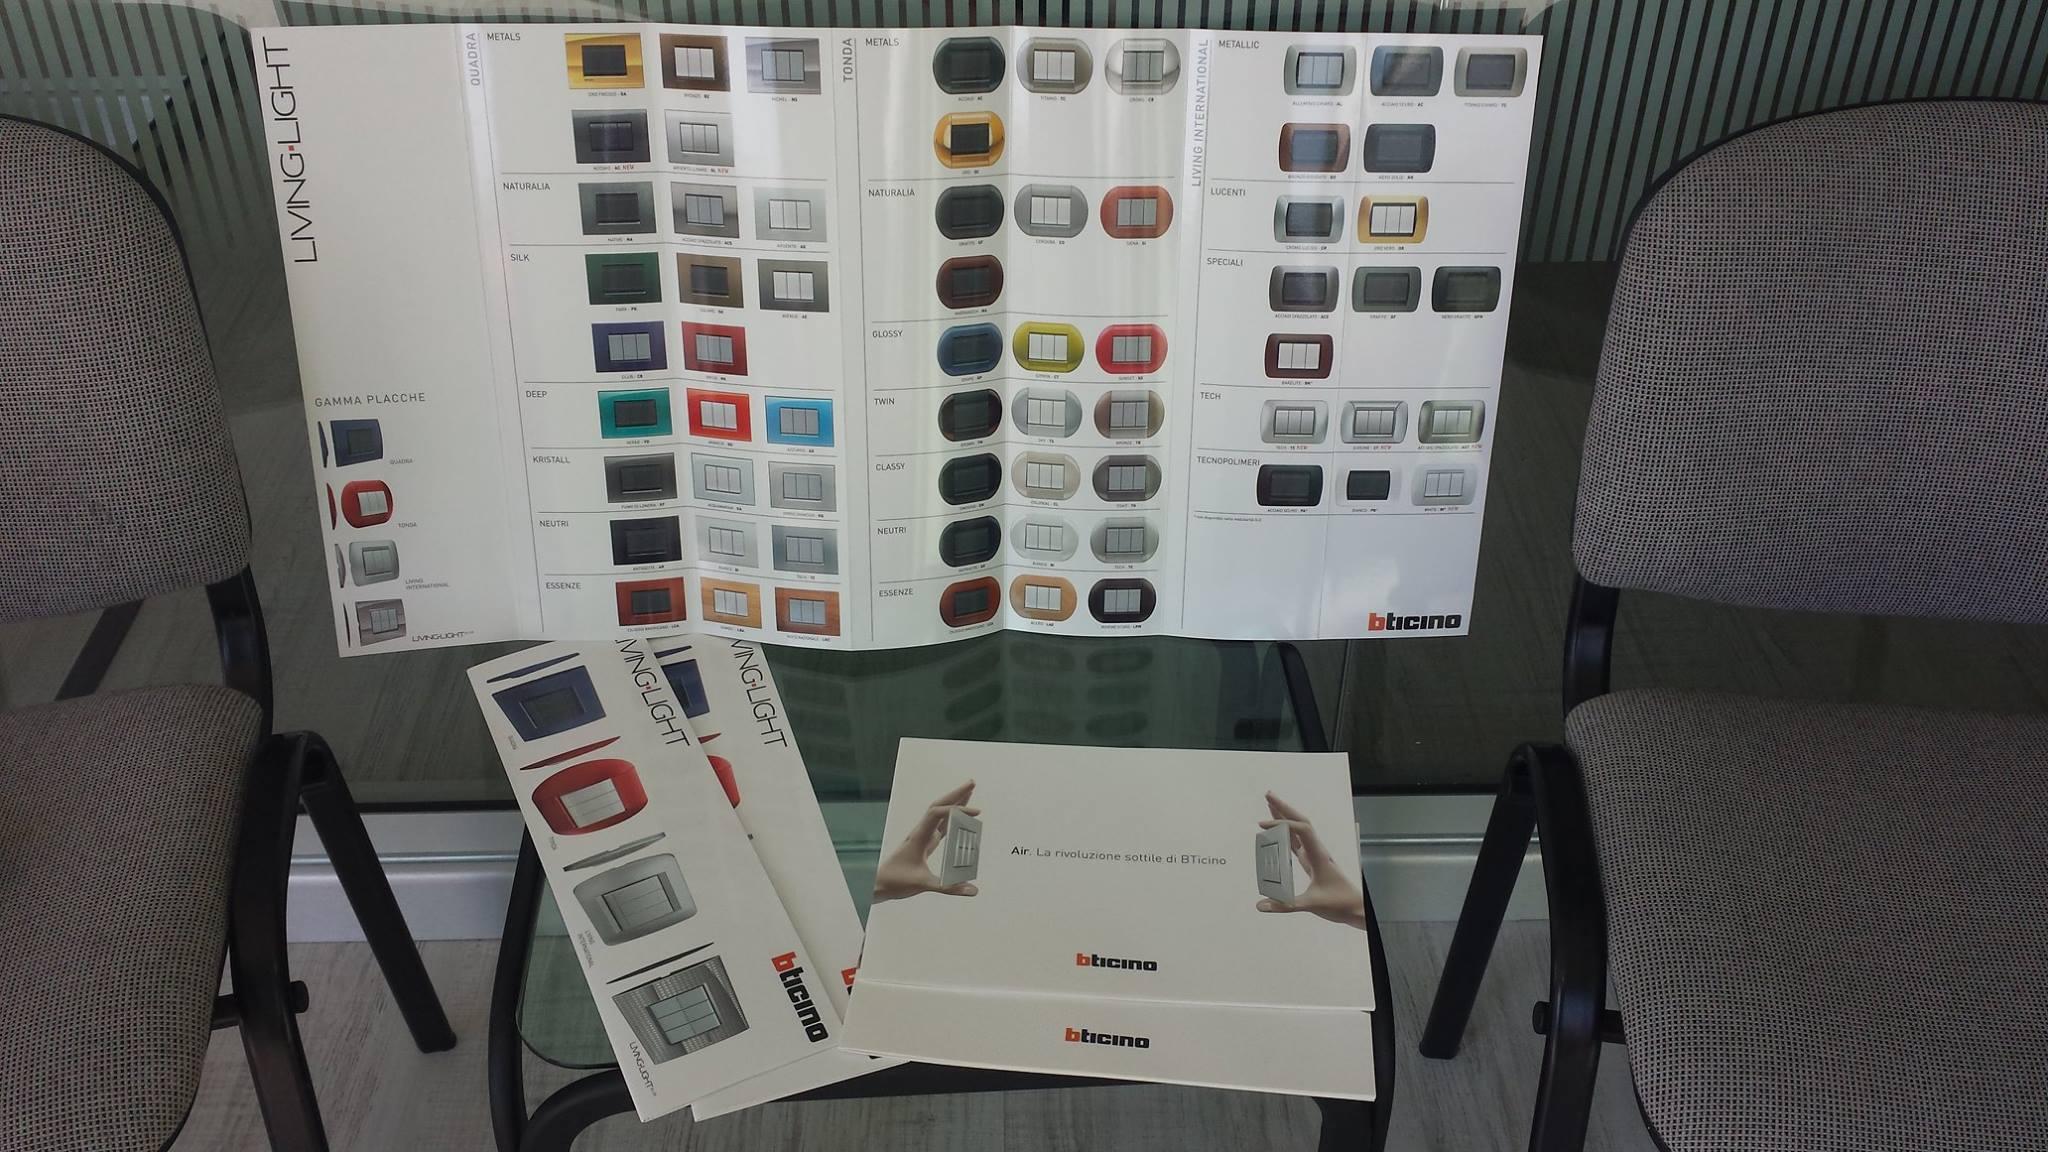 depliant con placca e interruttori di vari tipi e colori